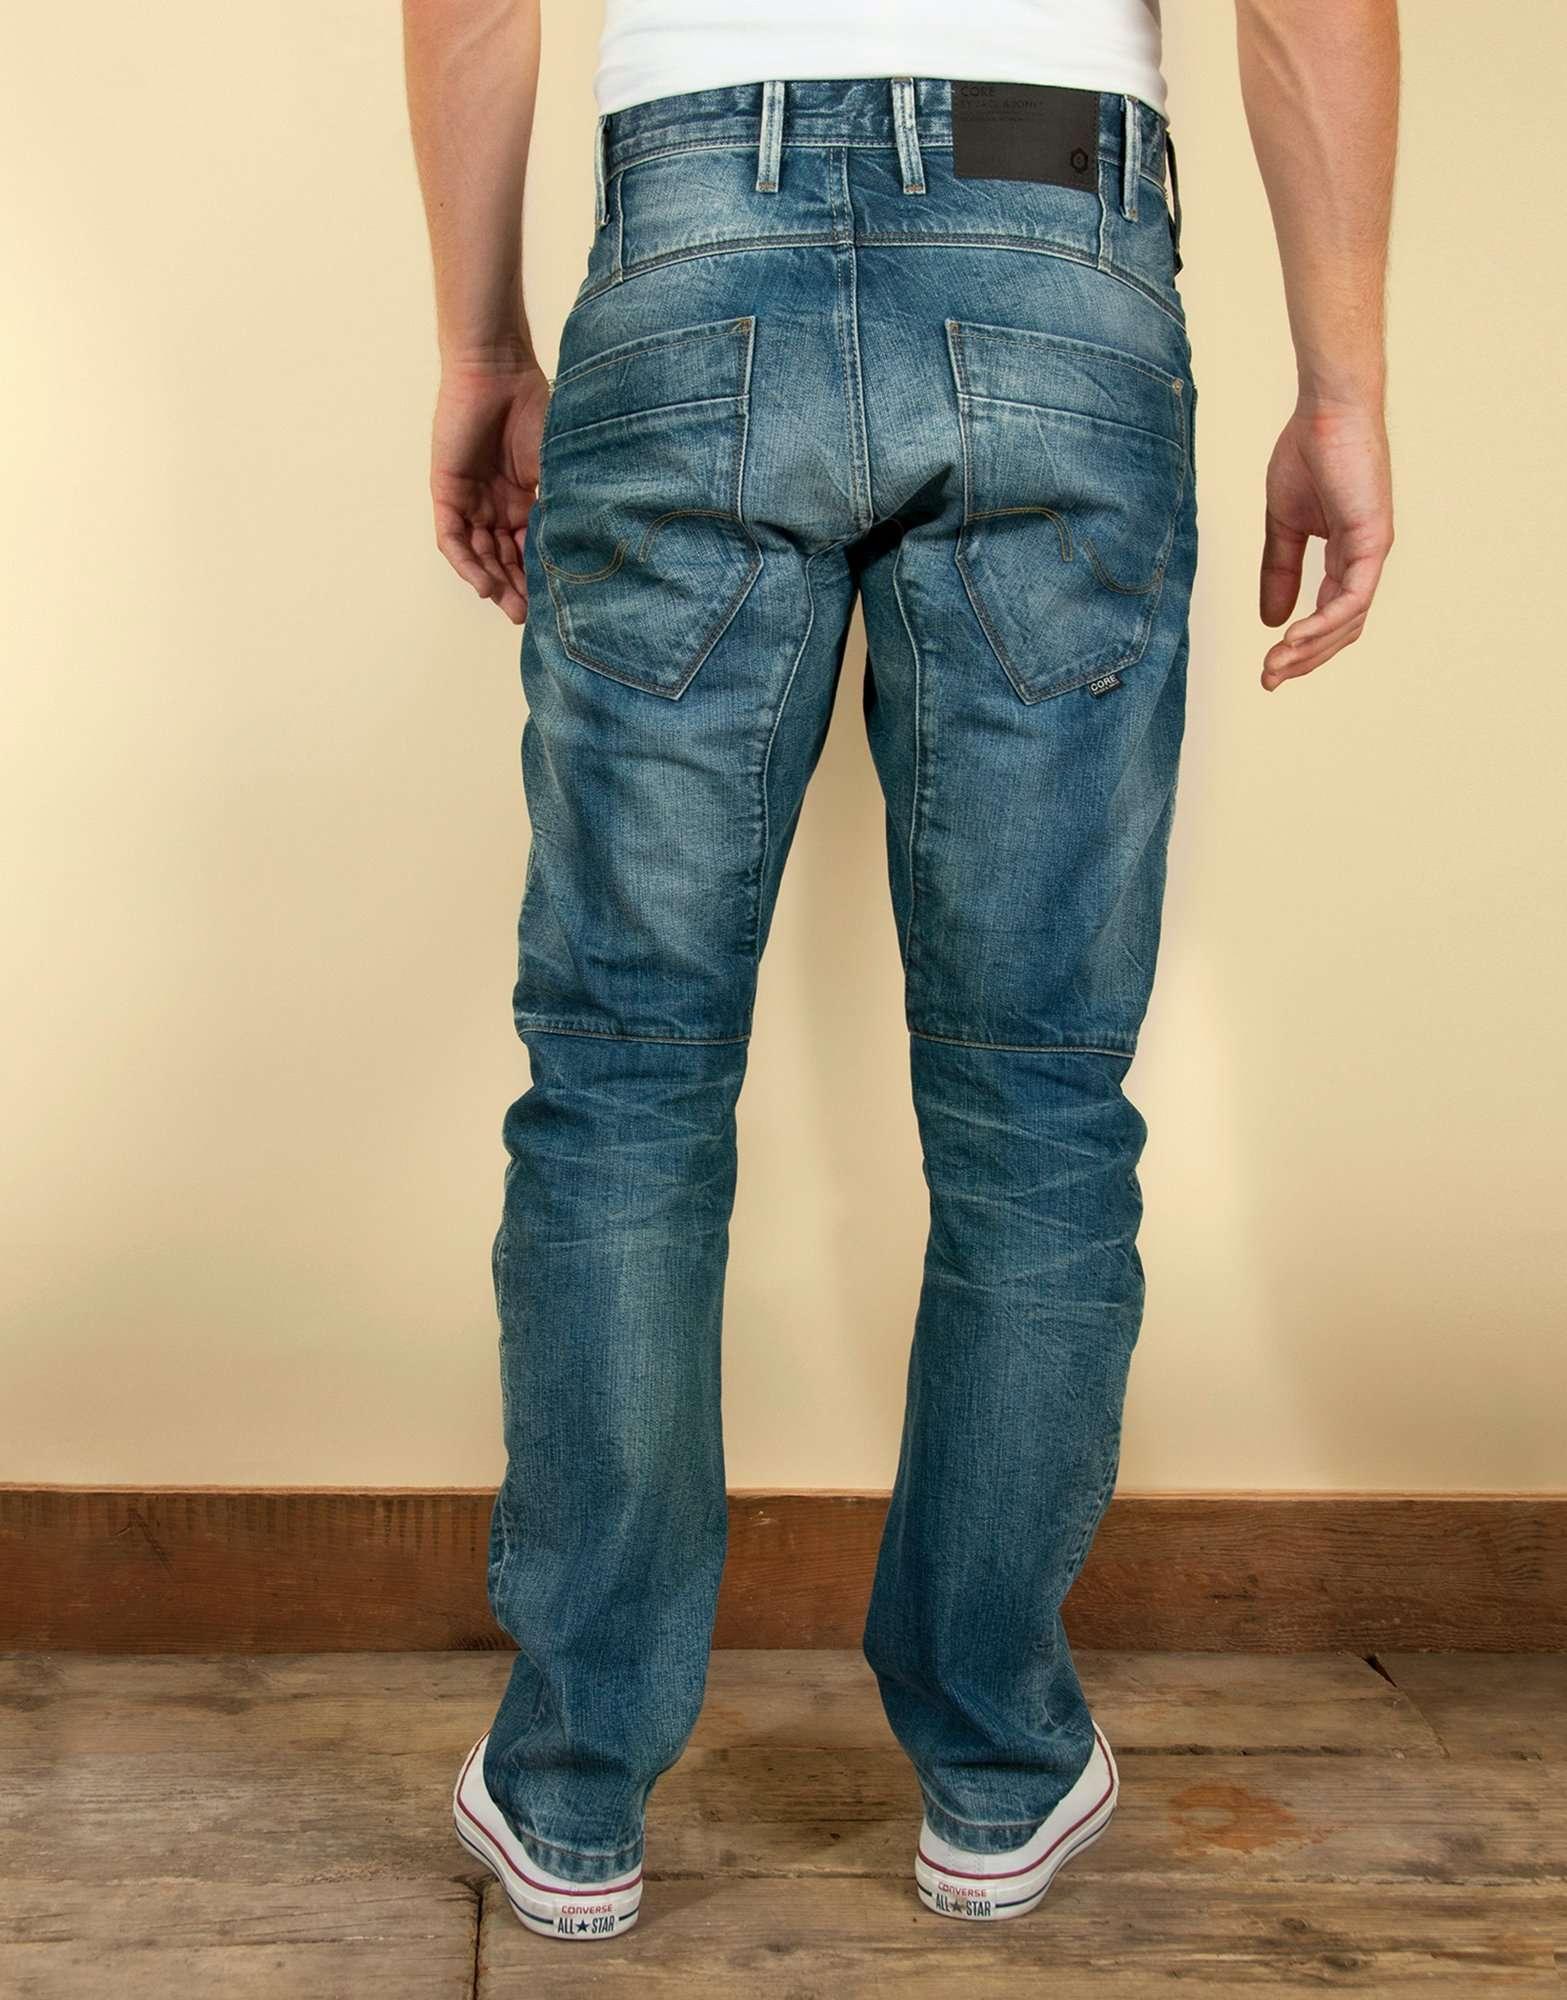 newest 0364a f854f Jack & Jones Core Stan Osaka Anti Fit Jeans   scotts Menswear